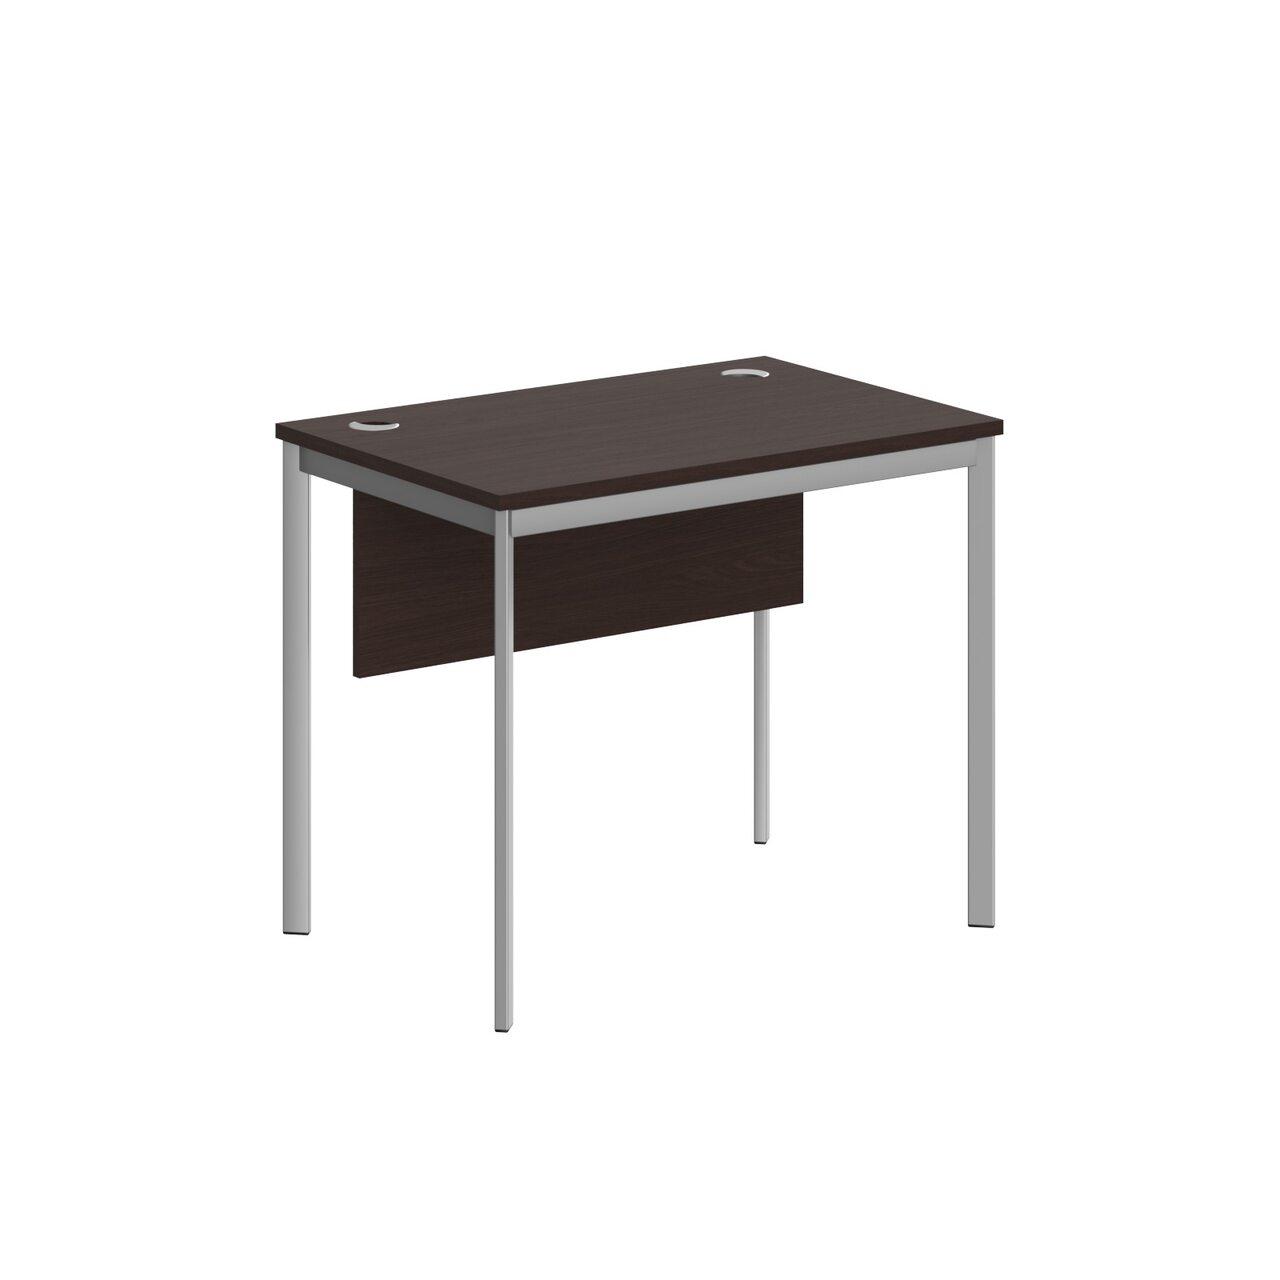 Стол прямой с фрональной панелью  IMAGO-S 90x60x76 - фото 3